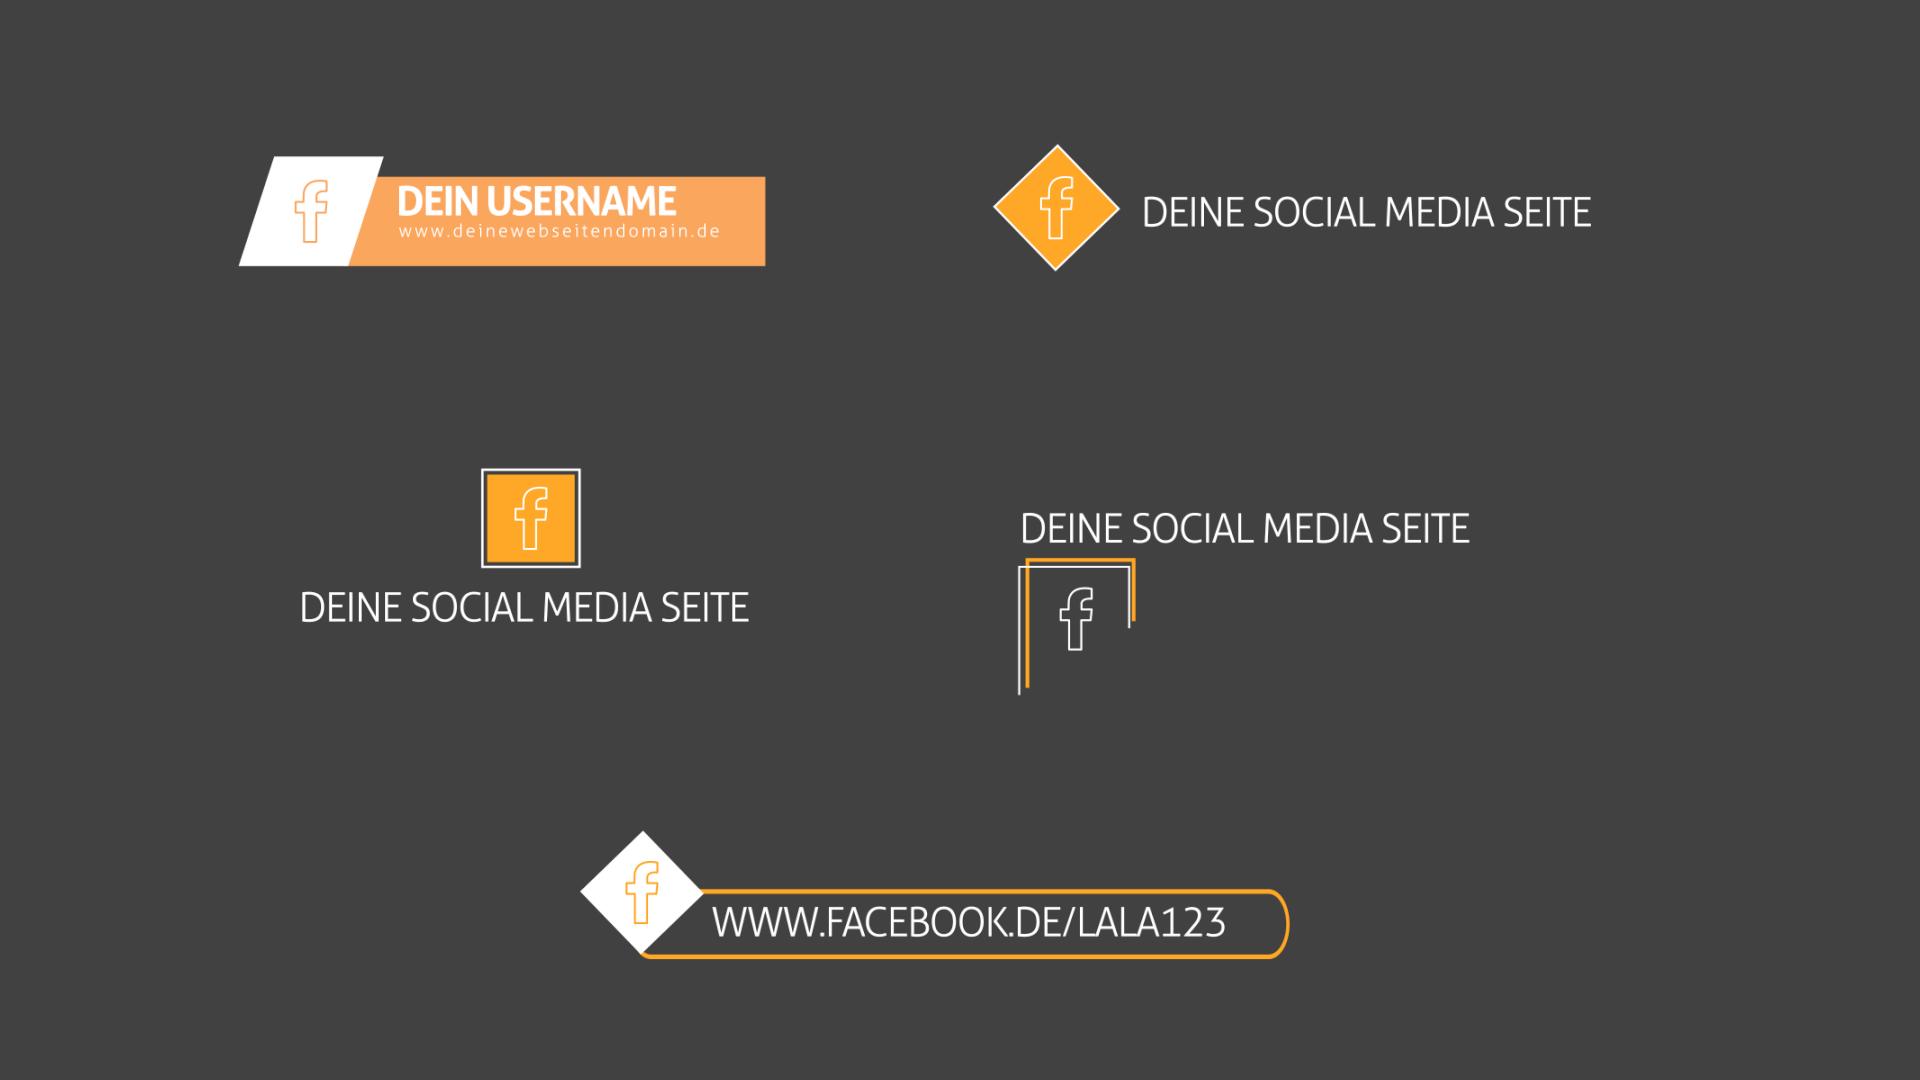 Abbildung von 5 Text-Animationen für Social-Media-Einblendungen, anwendbar in After Effects und Premiere Pro